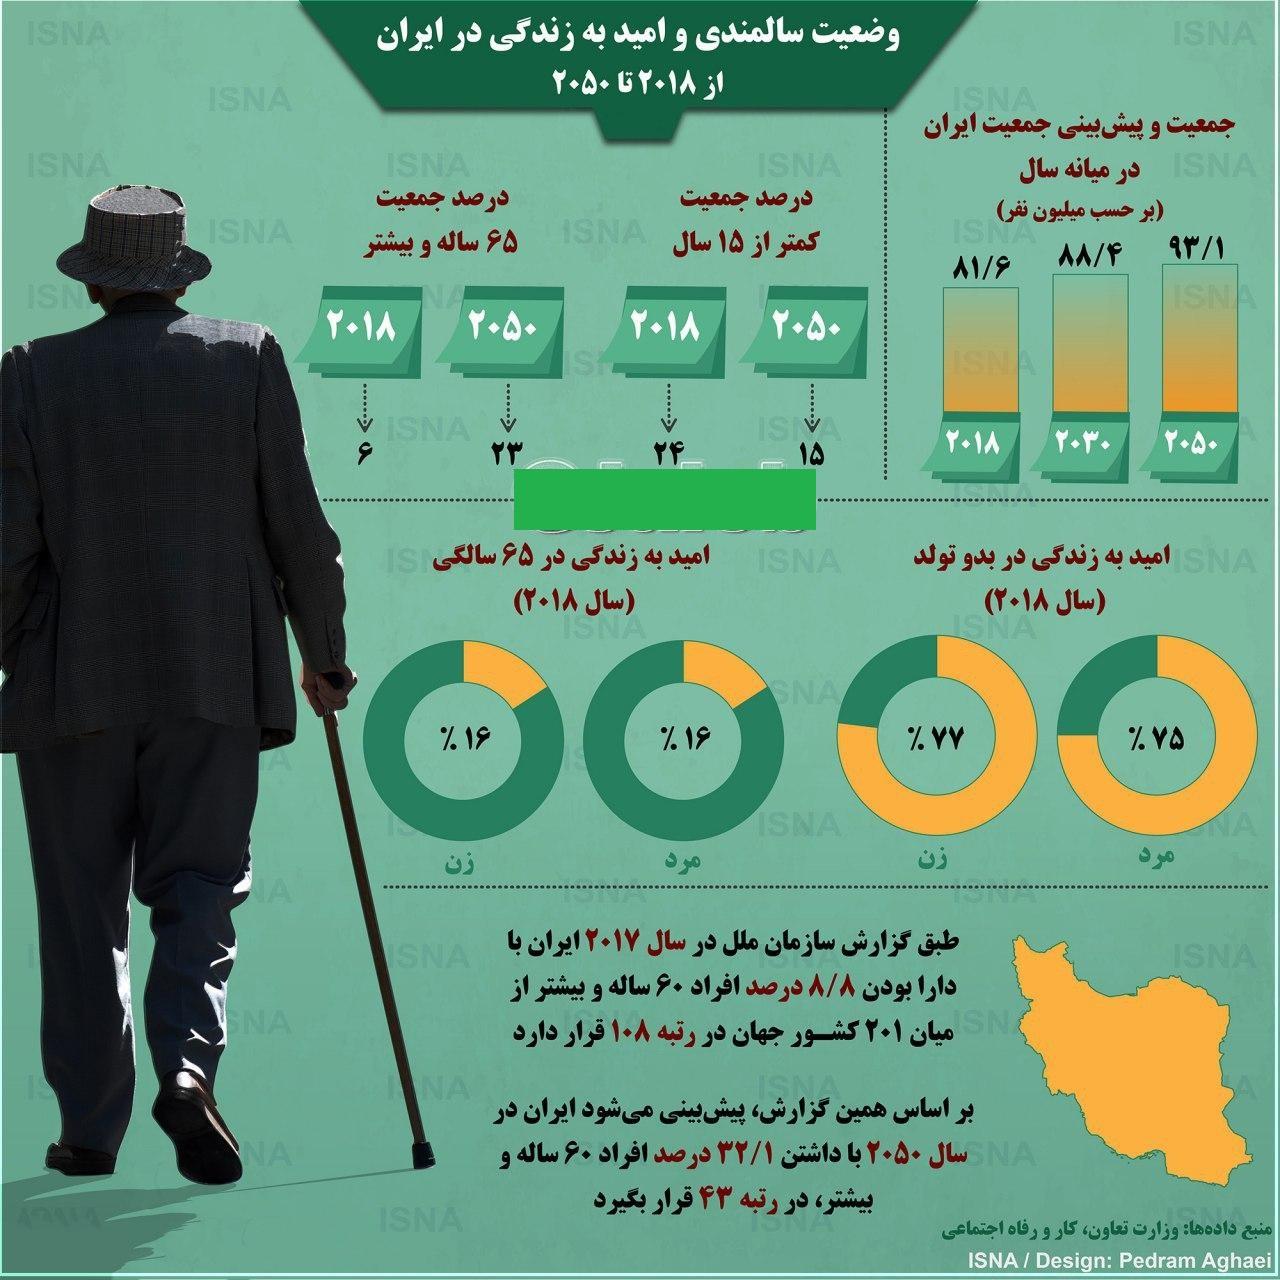 پیر شدن جمعیت ایران